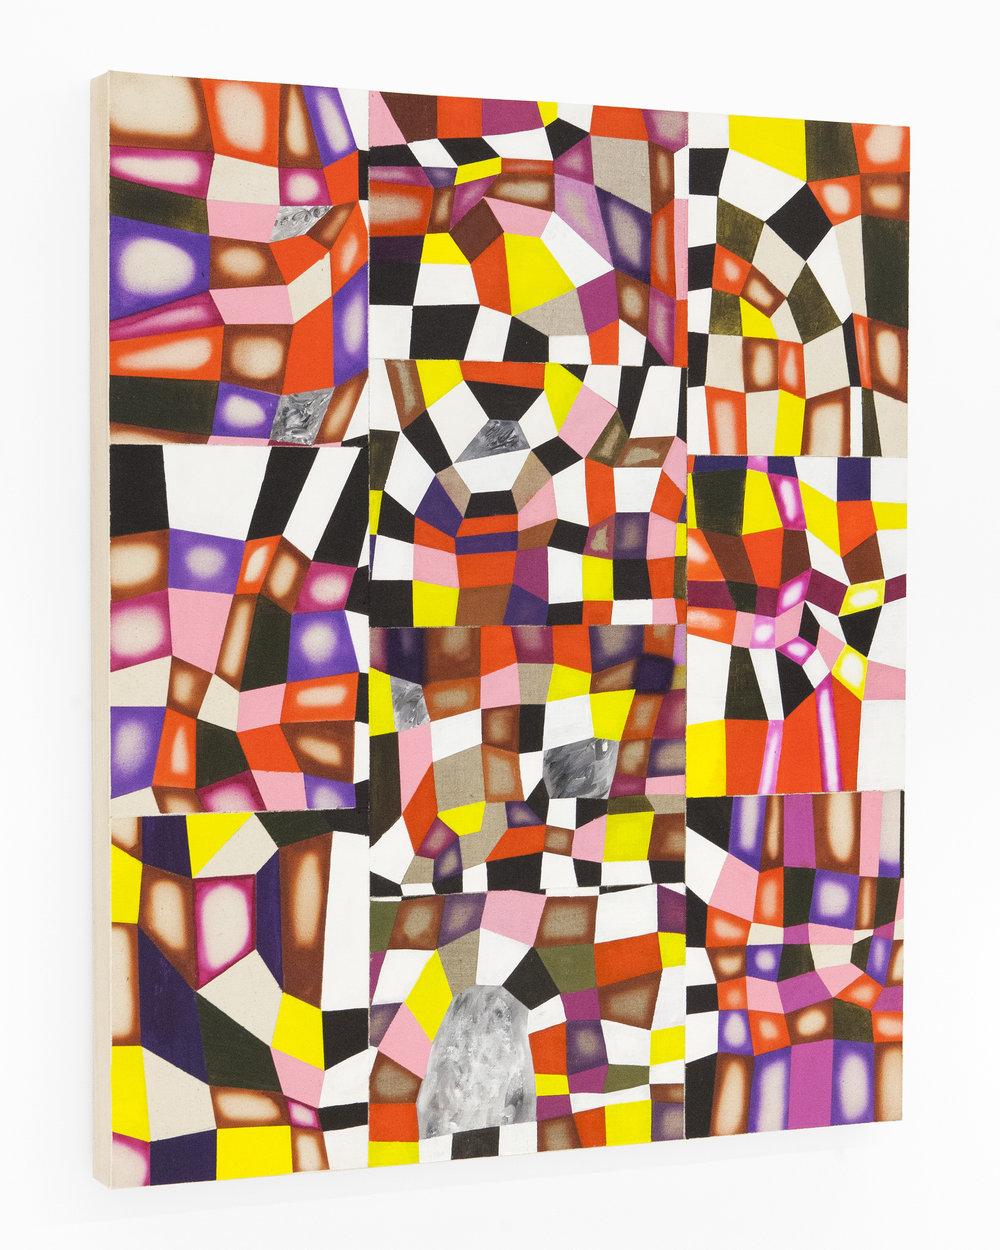 brettf_abstract_1__3.jpg